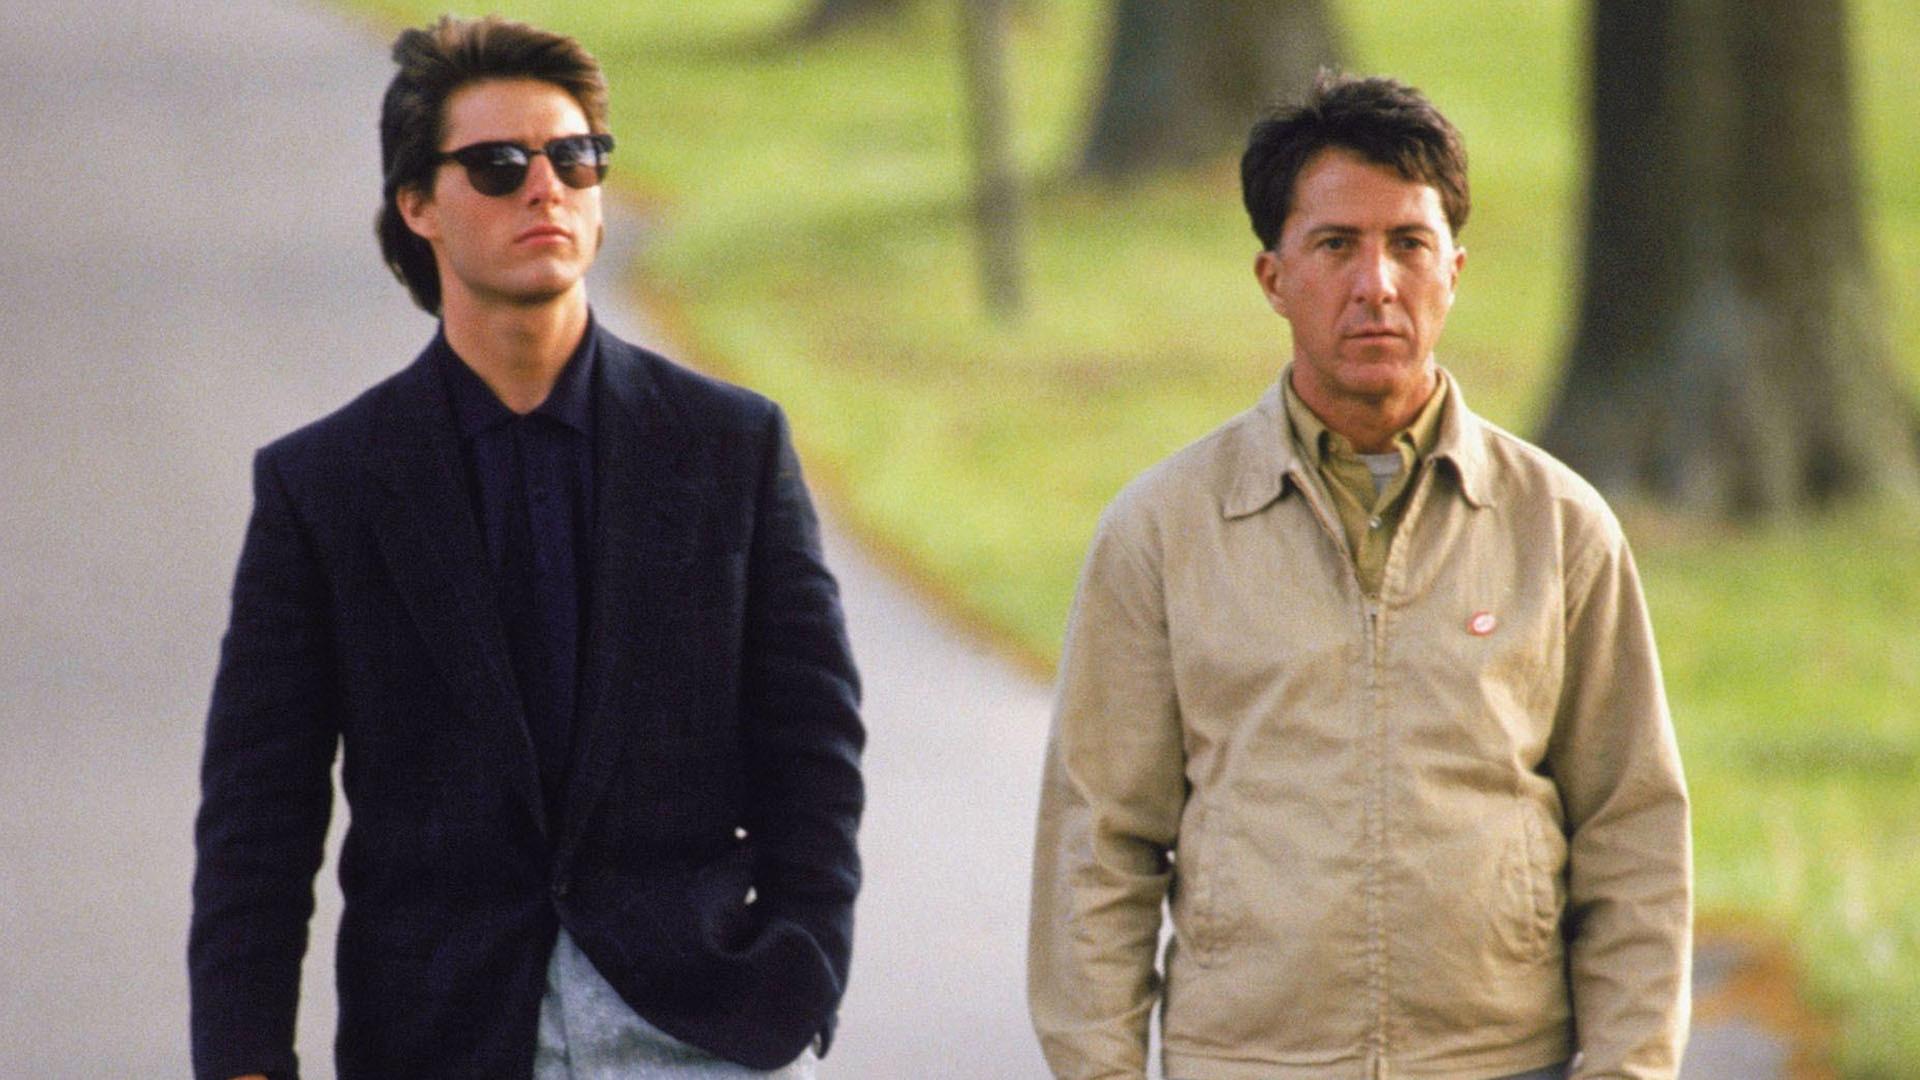 3cf9e8cc2c9aa oculos de sol Cavalheiro Jaqueta Tom Cruise Dustin Hoffman Homem chuva  terno Cuidados com a visão